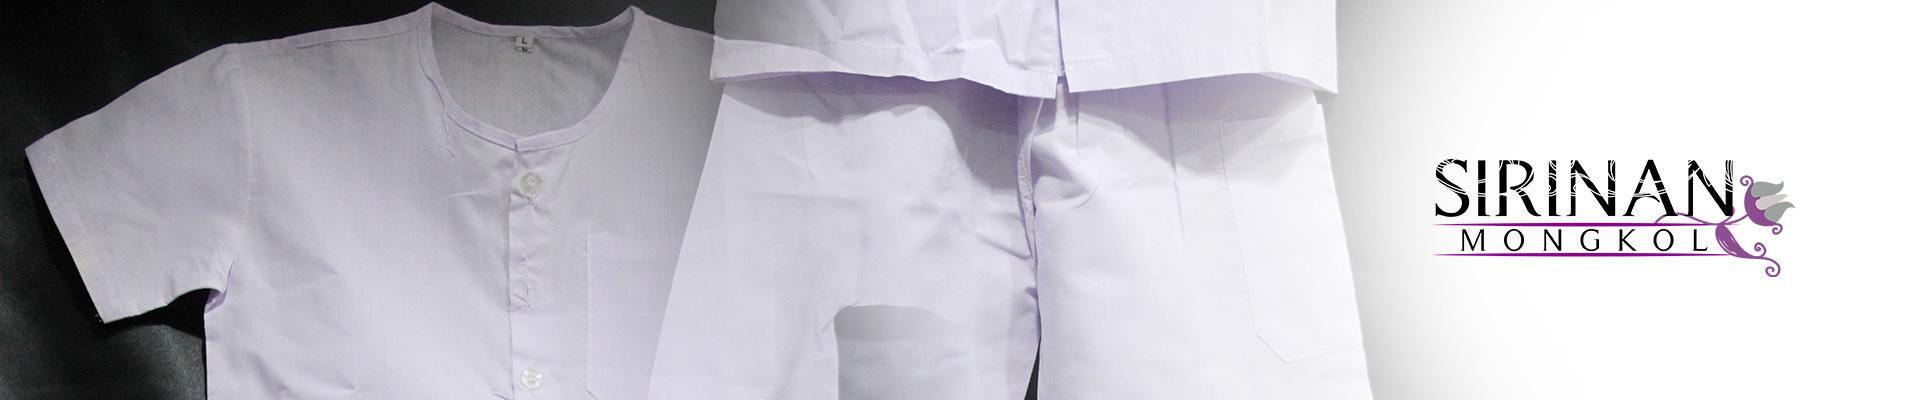 ชุดขาวทำบุญ ชุดปฏิบัติธรรม ชุดขาว ชุดขาวปฏิบัติธรรม ชุดขาวราคาถูก จำหน่ายชุดขาว ชุดขาวคุณภาพดี ซื้อชุดขาว ร้านขายชุดขาว ร้านชุดขาว